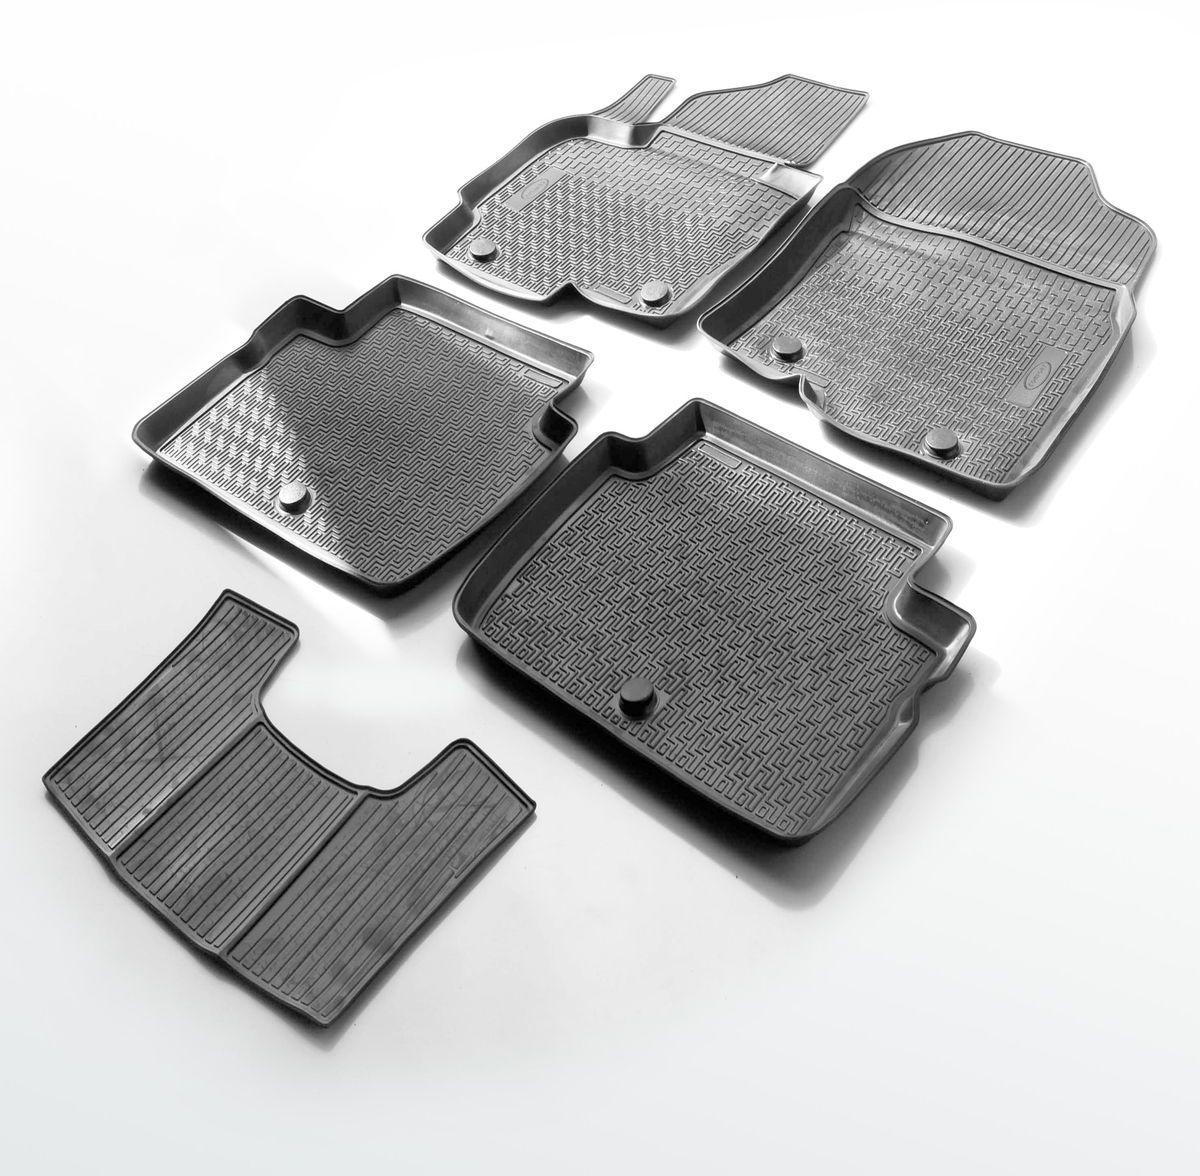 Коврики салона Rival для Nissan Qashqai (российская сборка) 2015-, c перемычкой, полиуретан14105004Прочные и долговечные коврики Rival в салон автомобиля, изготовлены из высококачественного и экологичного сырья. Коврики полностью повторяют геометрию салона вашего автомобиля. - Надежная система крепления, позволяющая закрепить коврик на штатные элементы фиксации, в результате чего отсутствует эффект скольжения по салону автомобиля.- Высокая стойкость поверхности к стиранию.- Специализированный рисунок и высокий борт, препятствующие распространению грязи и жидкости по поверхности коврика.- Перемычка задних ковриков в комплекте предотвращает загрязнение тоннеля карданного вала.- Коврики произведены из первичных материалов, в результате чего отсутствует неприятный запах в салоне автомобиля.- Высокая эластичность, можно беспрепятственно эксплуатировать при температуре от -45°C до +45°C. Уважаемые клиенты! Обращаем ваше внимание, что коврики имеют форму, соответствующую модели данного автомобиля. Фото служит для визуального восприятия товара.